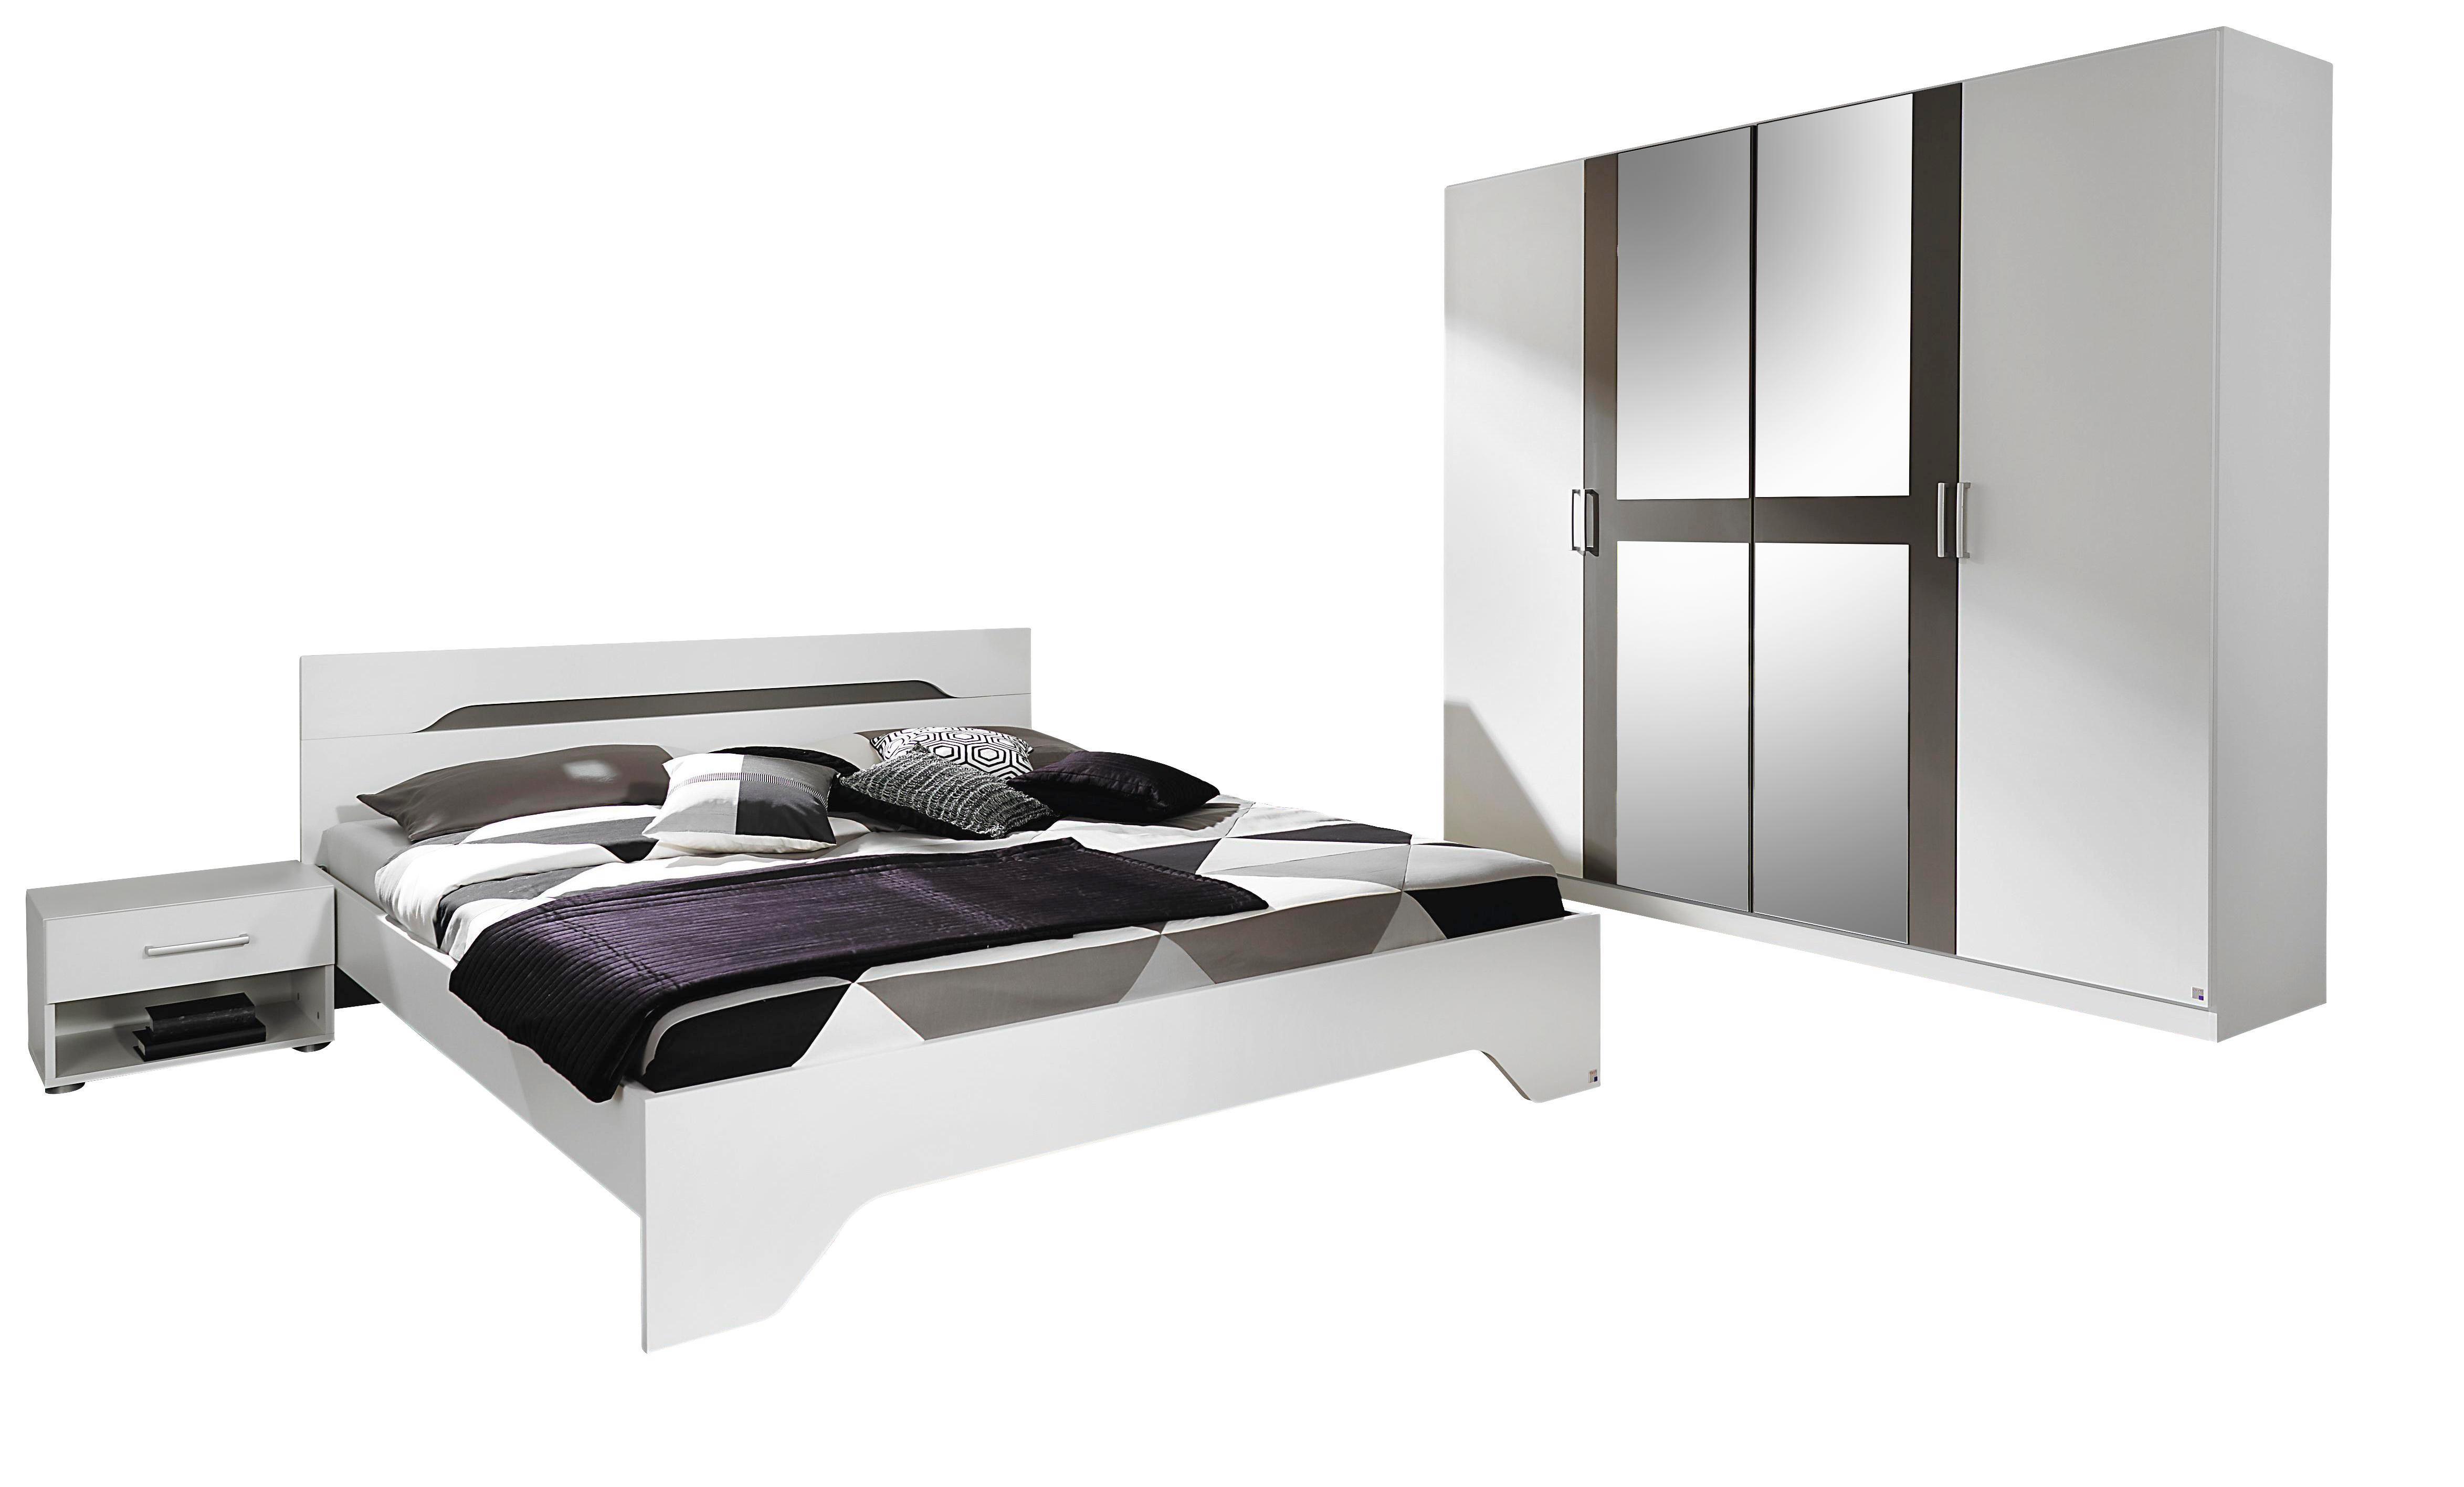 Inspirierend Fototapete Für Schlafzimmer Schema